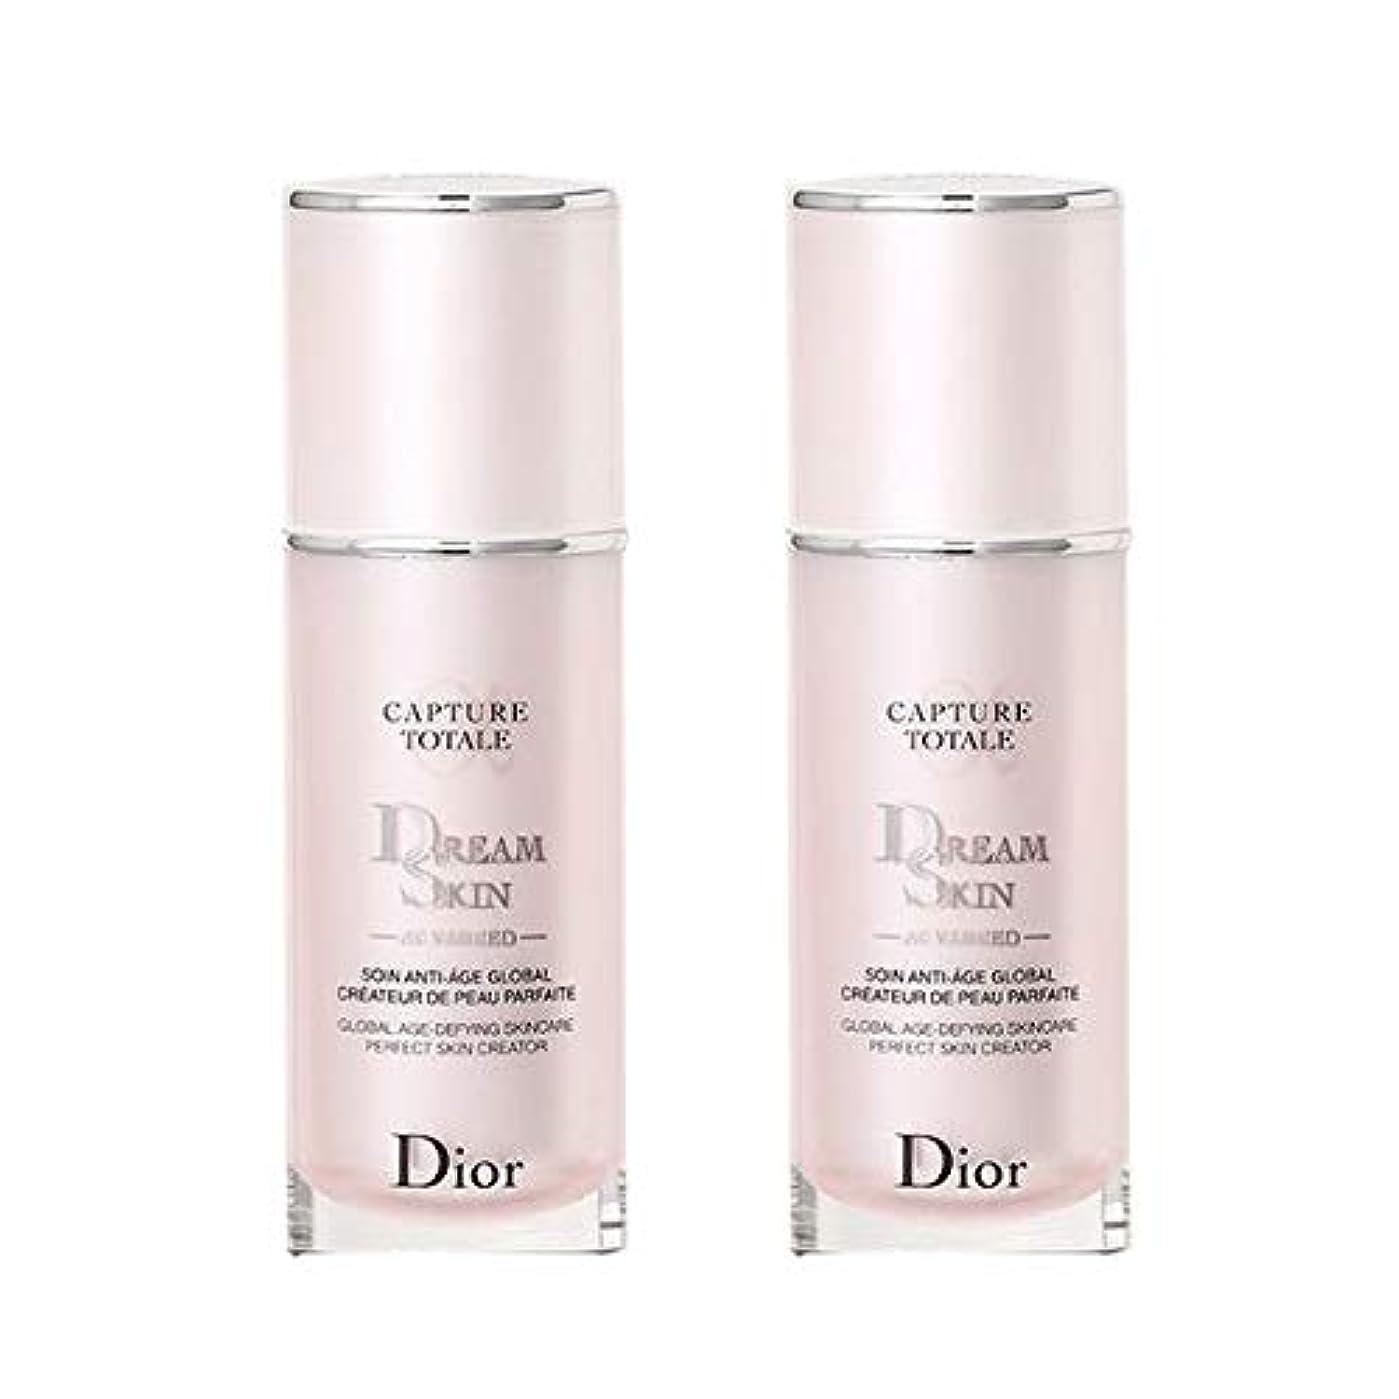 長いですスペシャリストラオス人【セット】クリスチャンディオール Christian Dior カプチュール トータル ドリームスキン アドバンスト 50mL 2個セット [並行輸入品]